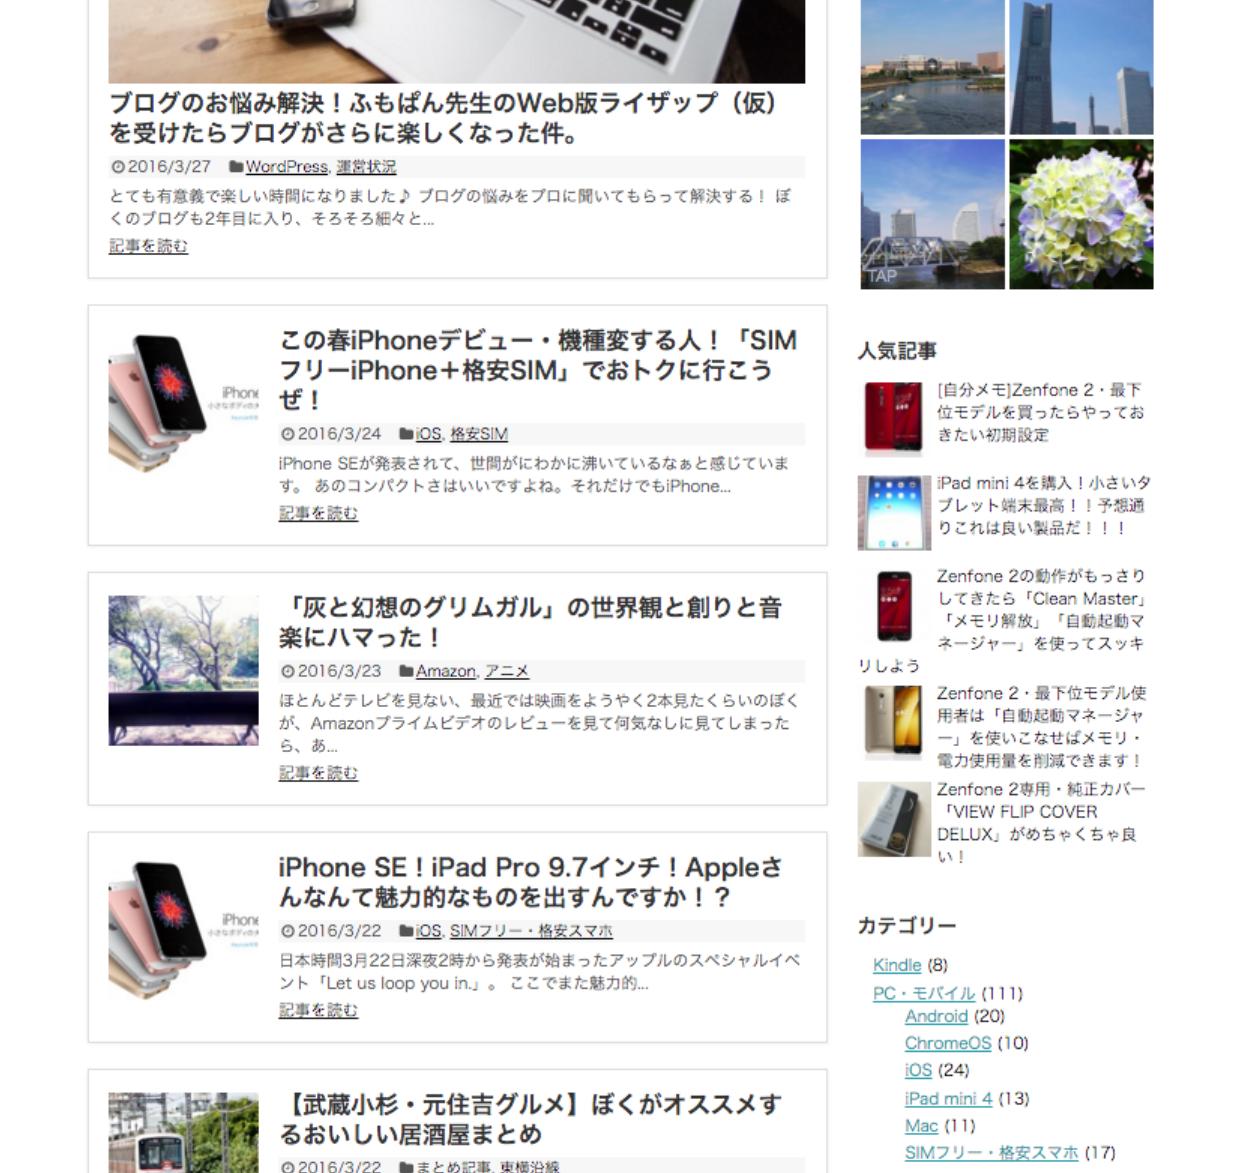 screenshot-yasumihirotaka.com 2016-03-28 02-04-16new2